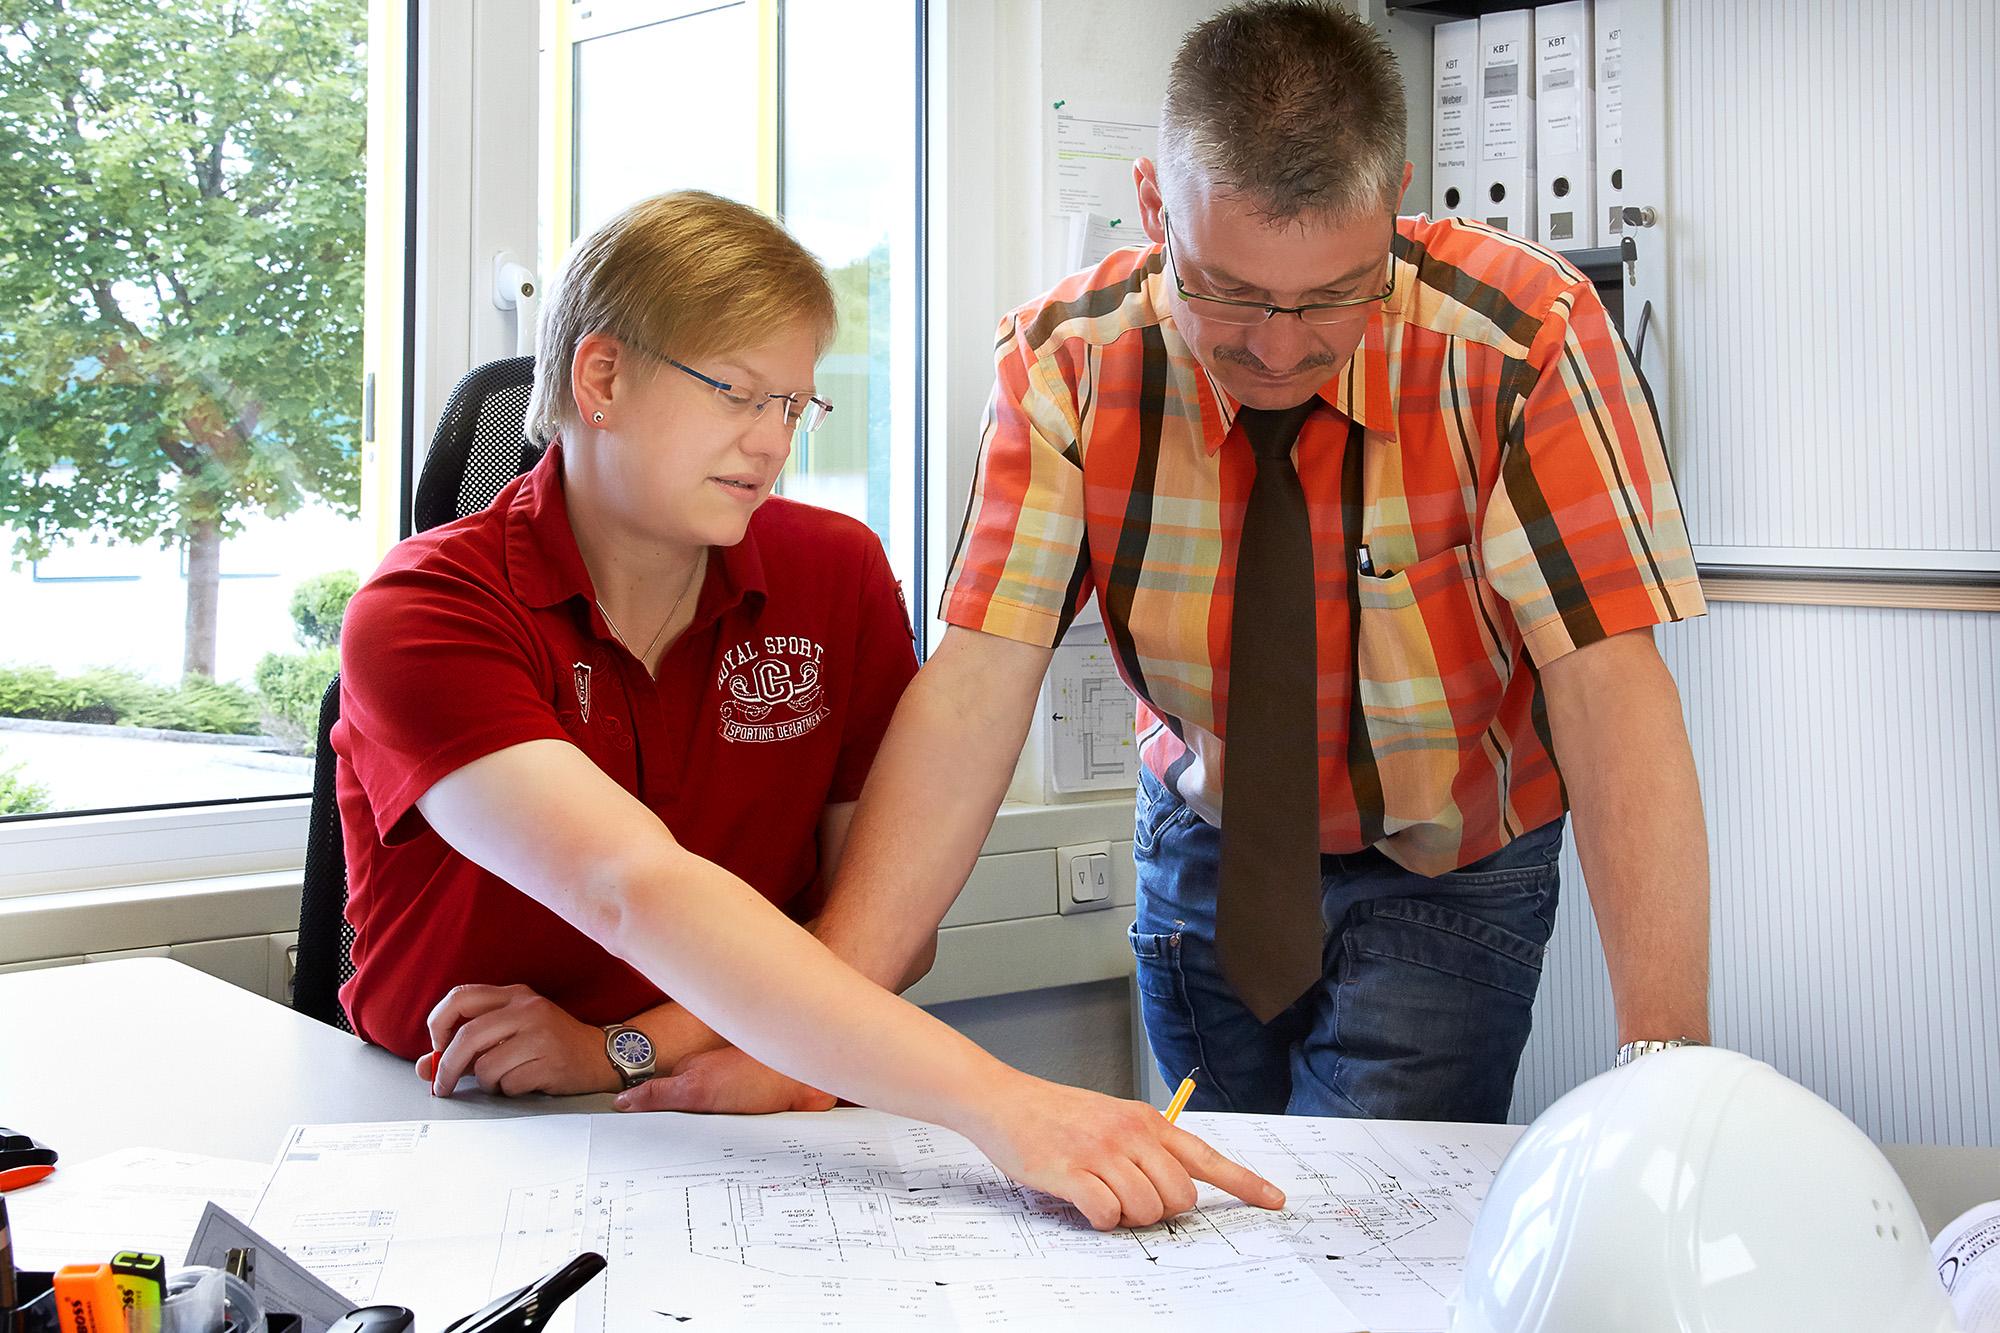 Bauleiter (m/w/d) für die Region Rhein-Neckar / Rhein-Pfalz